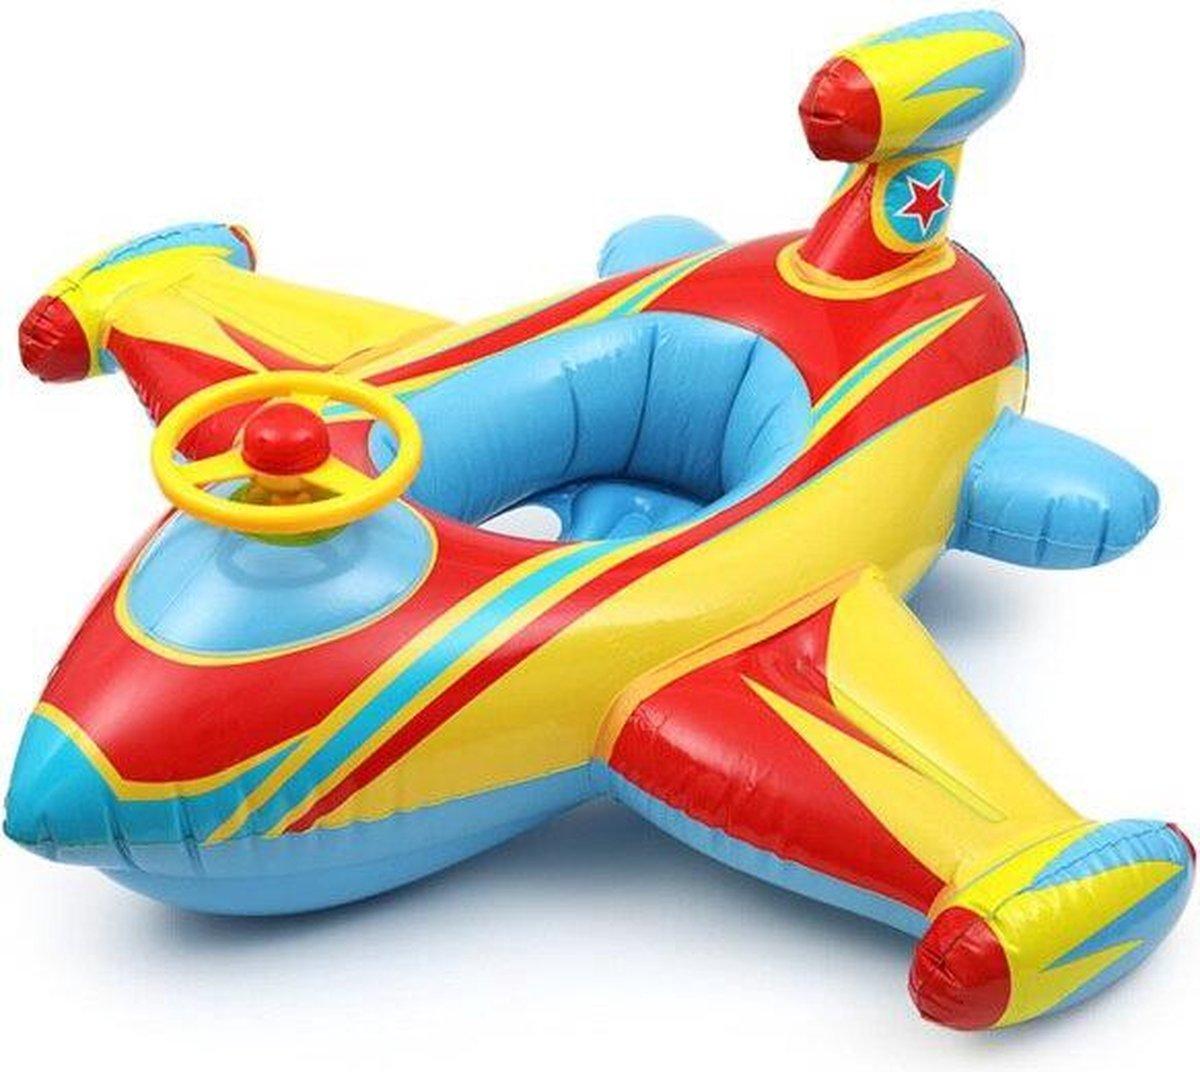 Intex - Opblaasfiguur - Voertuig - Vliegtuig - bootje -Opblaasbare Geel Vliegtuig met stuur en toeter - Zwemspeelgoed - Peuter Speelgoed - Zwemband -